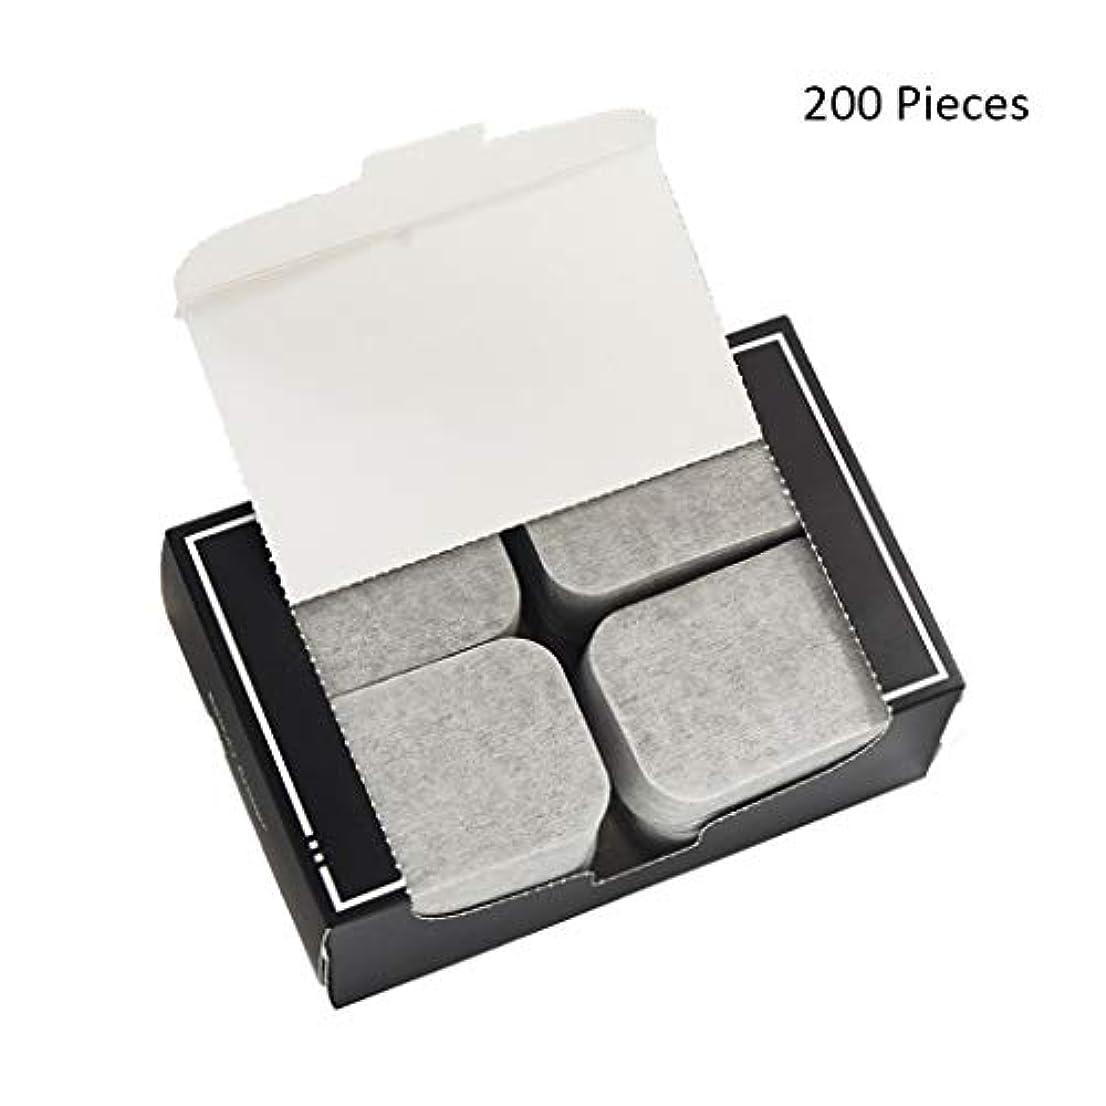 ライフル現代の幾何学200ピース/パックフェイスメイクアップリムーバー竹炭ポータブルコットンパッドソフトクレンジングメイクピュア両面リムーバーコットン (Color : Gray, サイズ : 7*5cm)